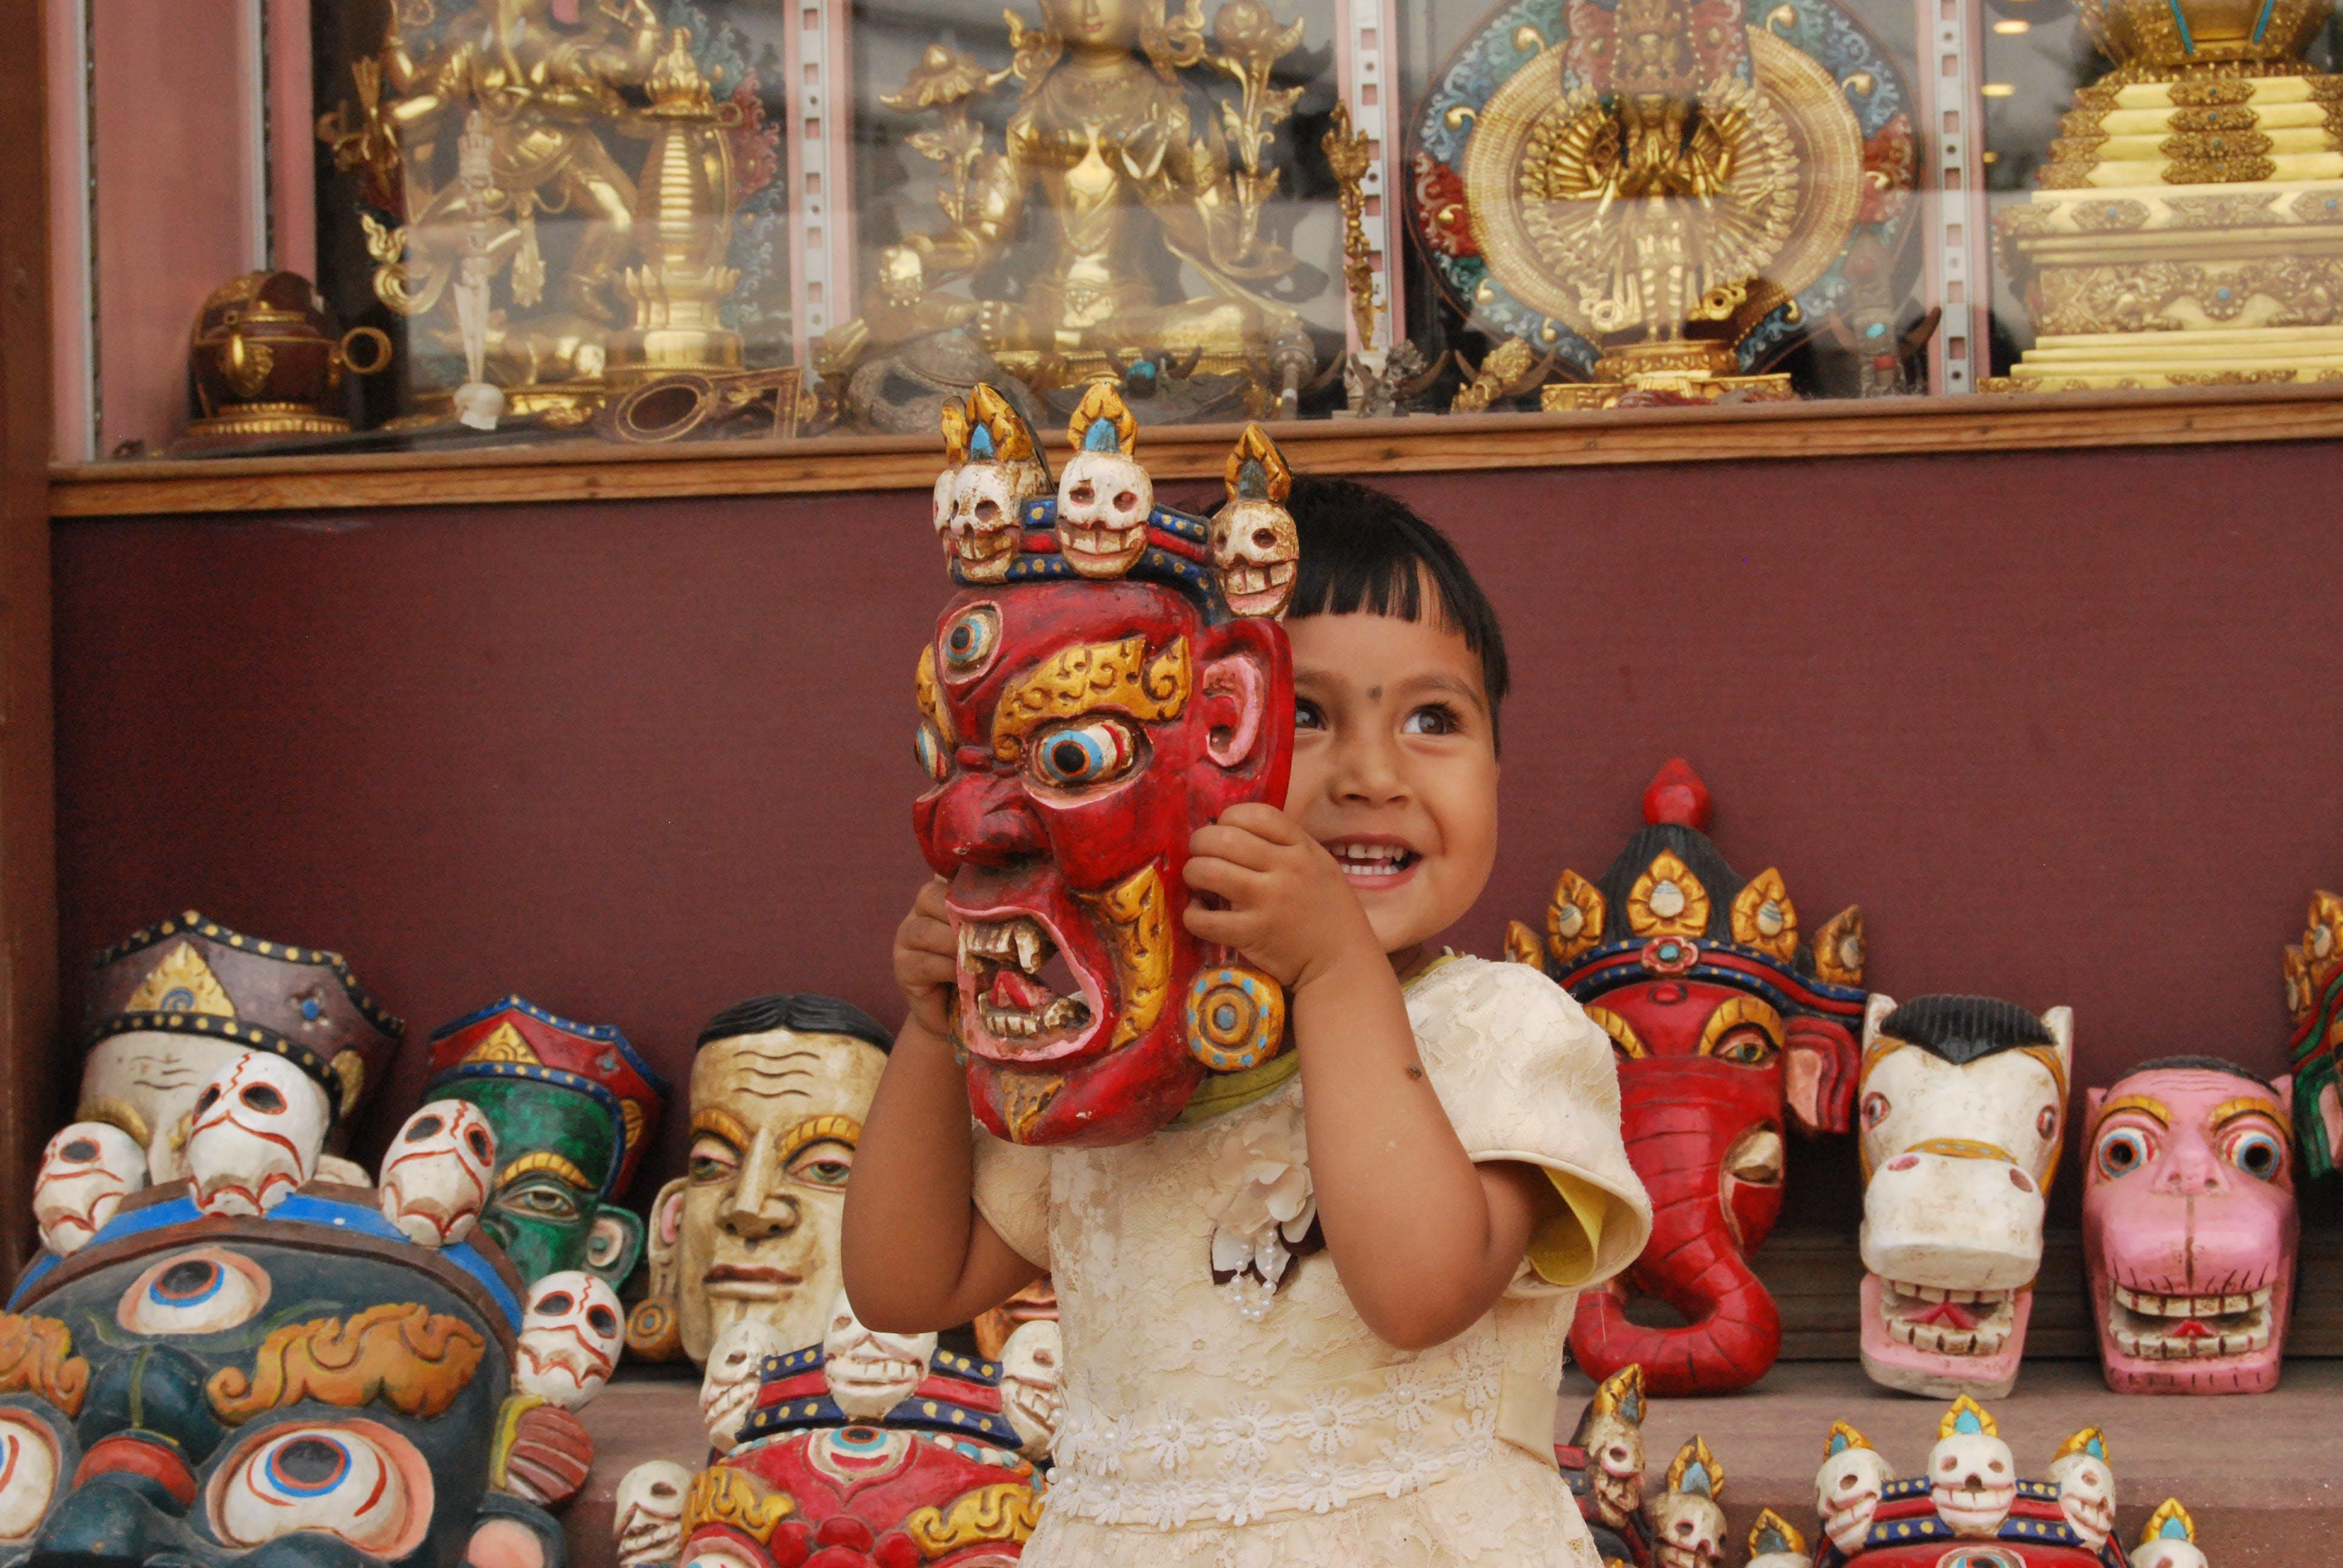 Kostenloses Stock Foto zu asiatisches kind, bunt, drinnen, gesichtsausdruck